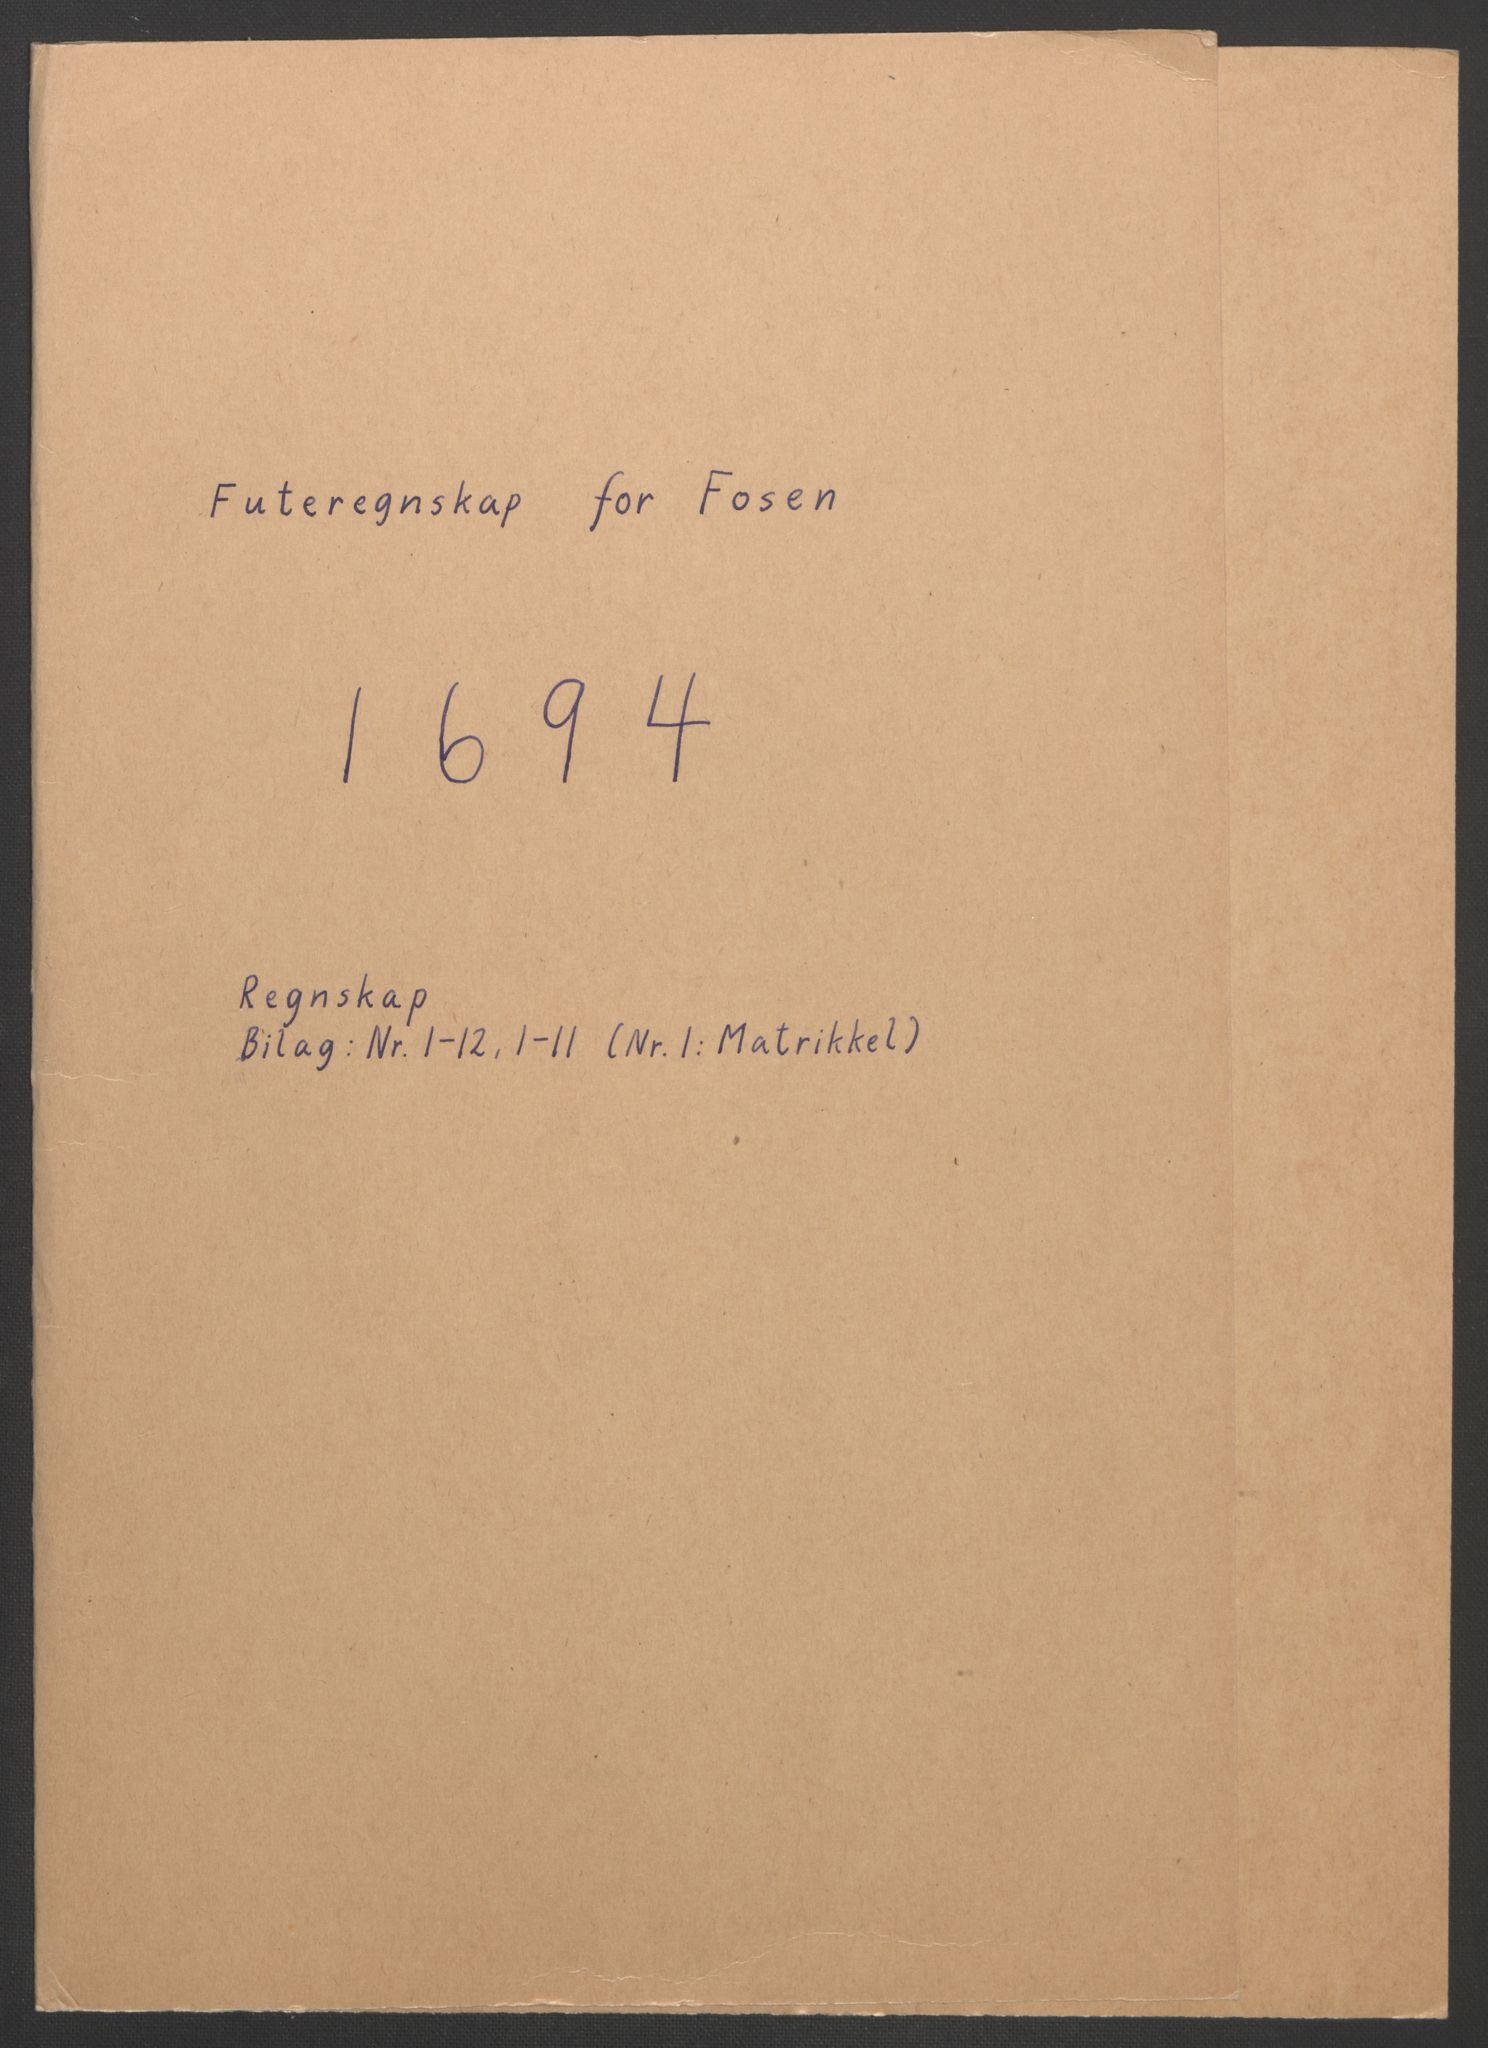 RA, Rentekammeret inntil 1814, Reviderte regnskaper, Fogderegnskap, R57/L3850: Fogderegnskap Fosen, 1694, s. 2